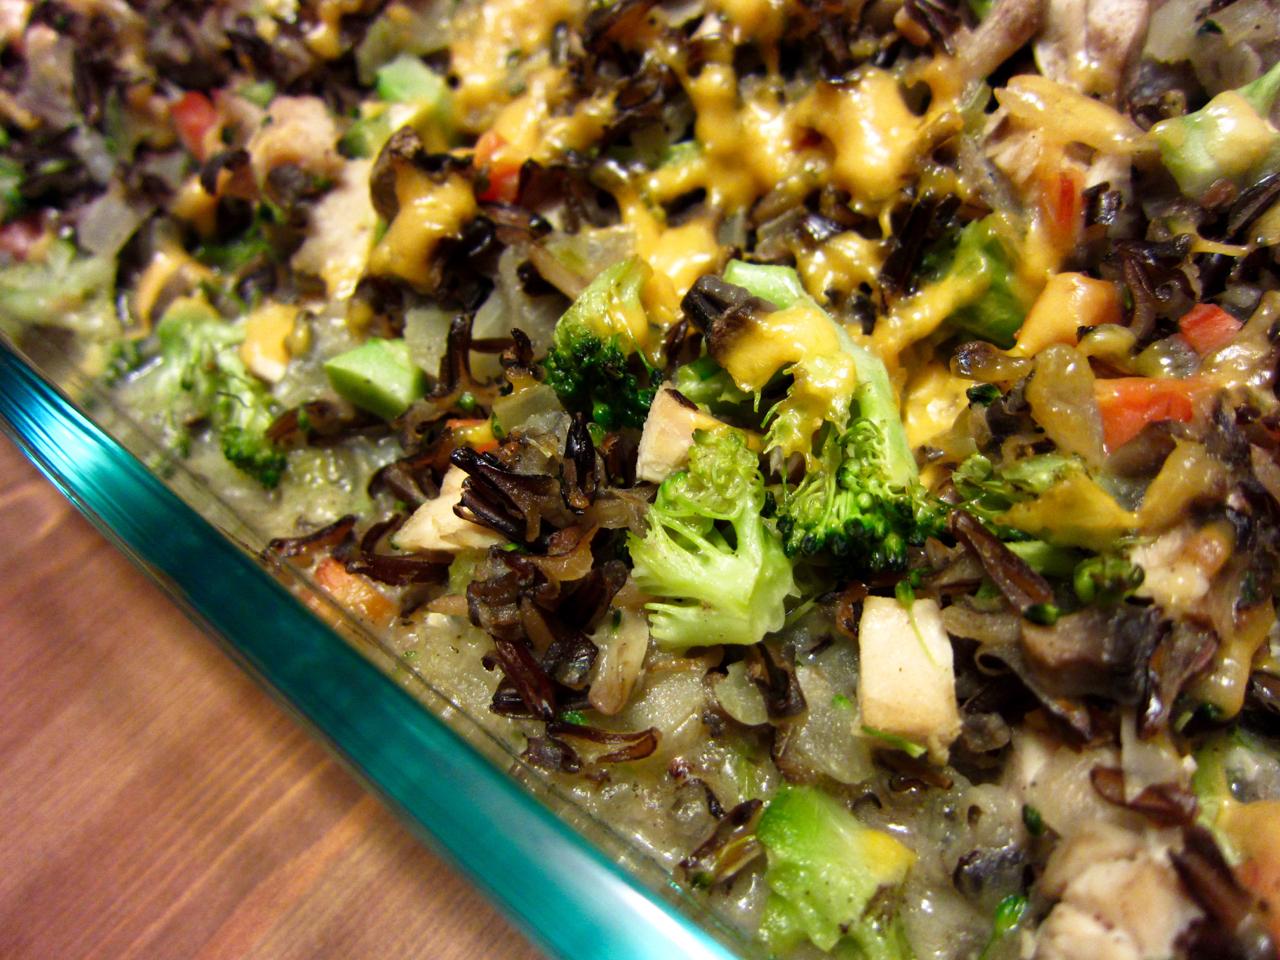 Broccoli Chicken Wild Rice Casserole